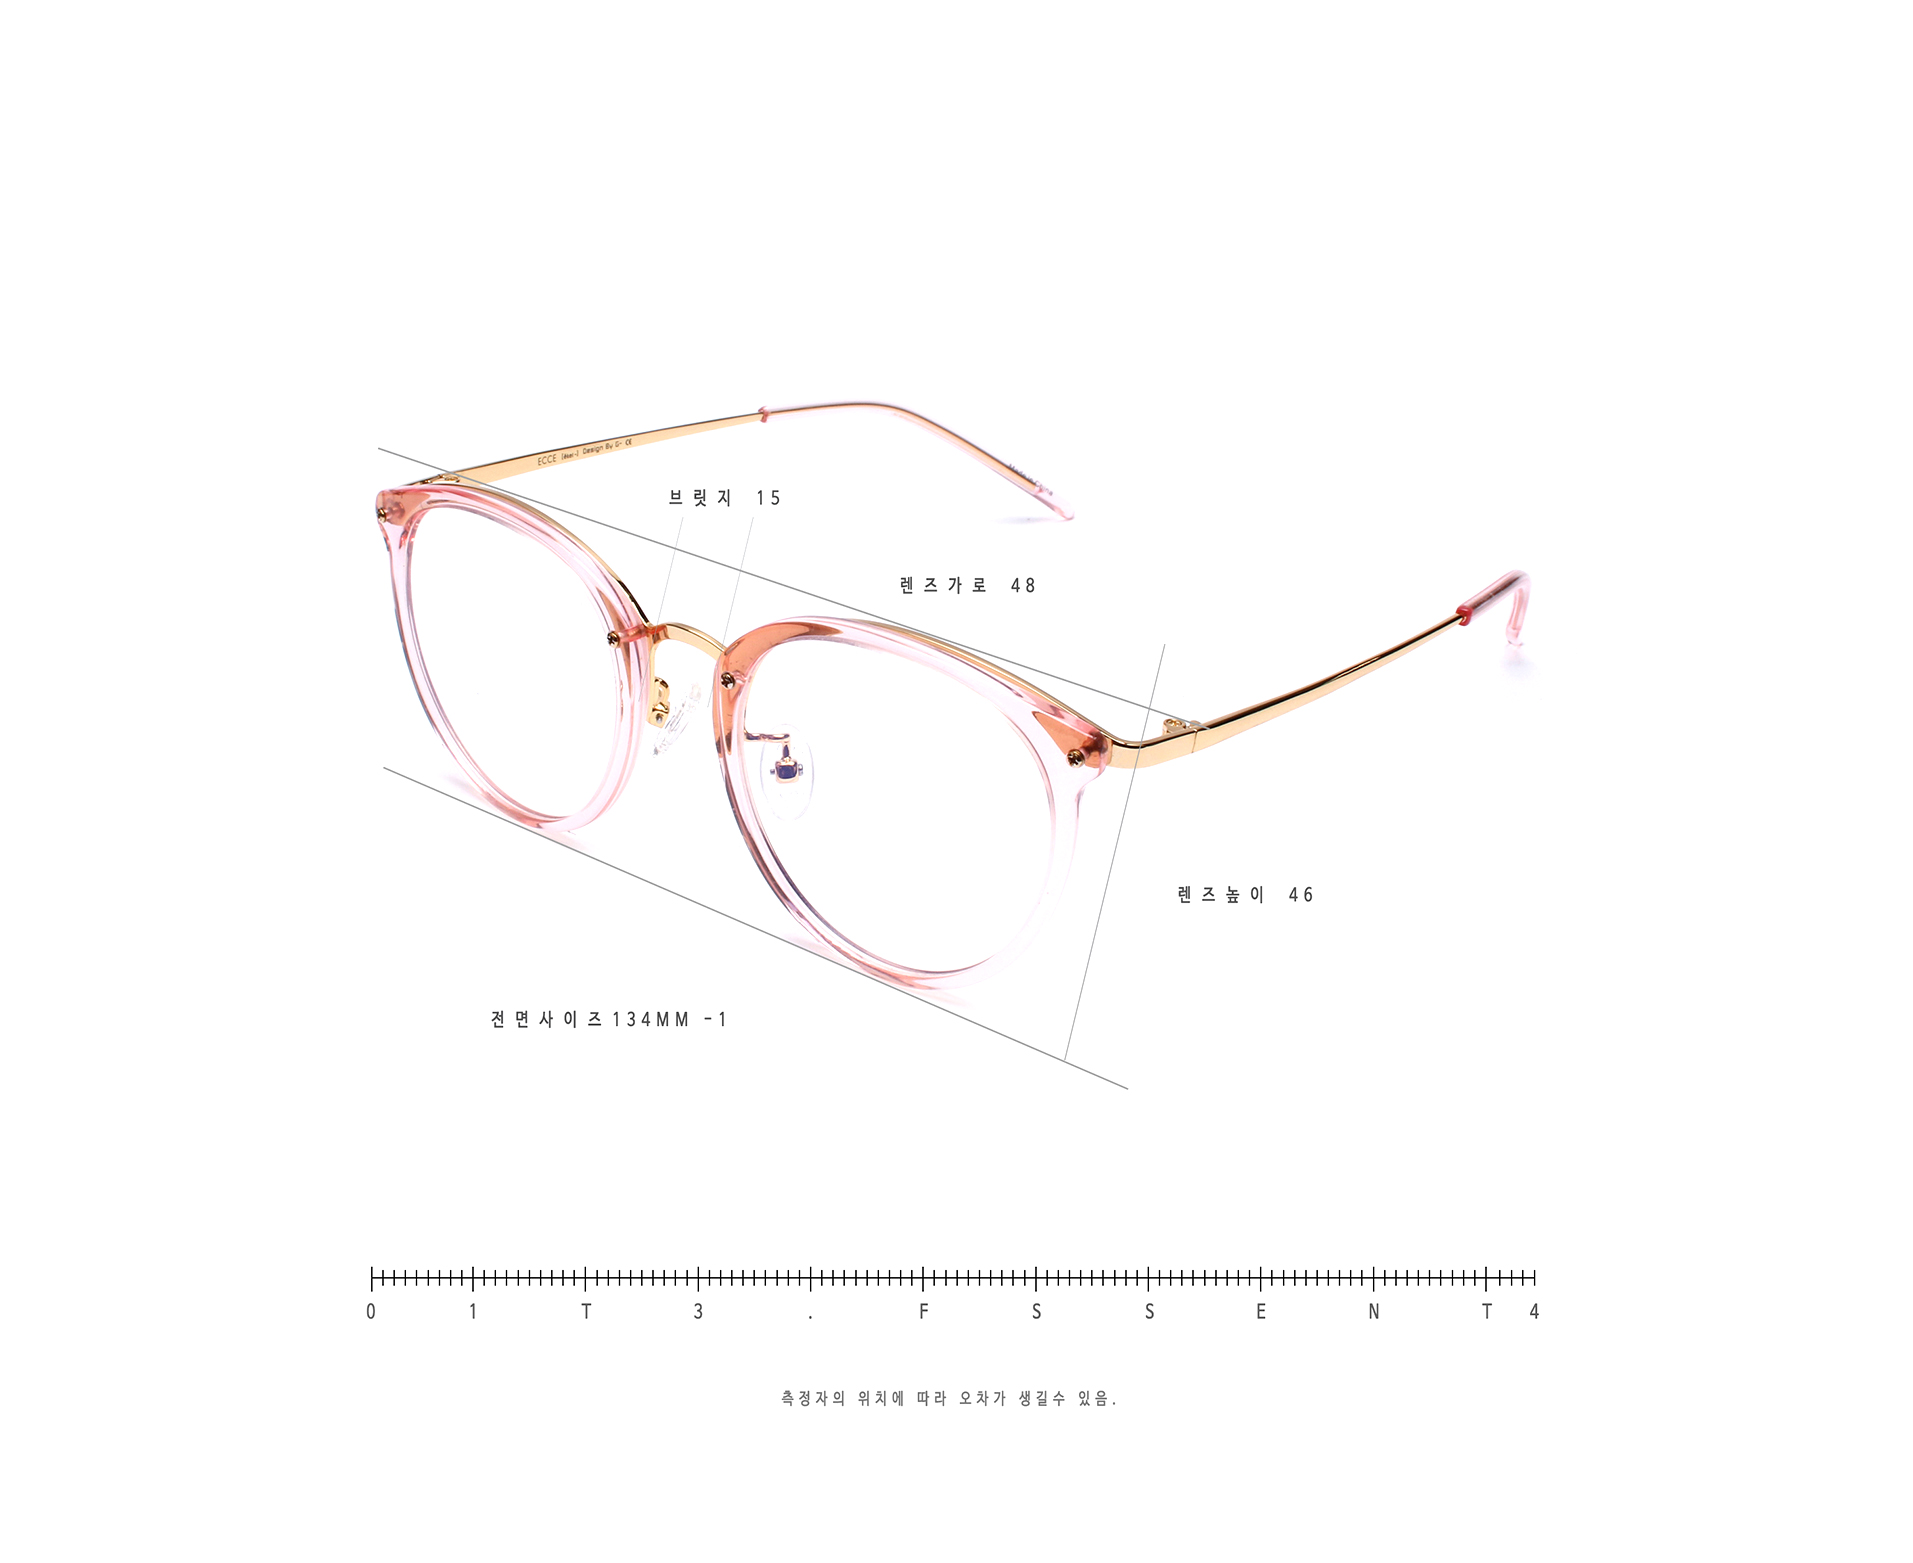 일삼사엠엠(134MM) A000650 핑크투명